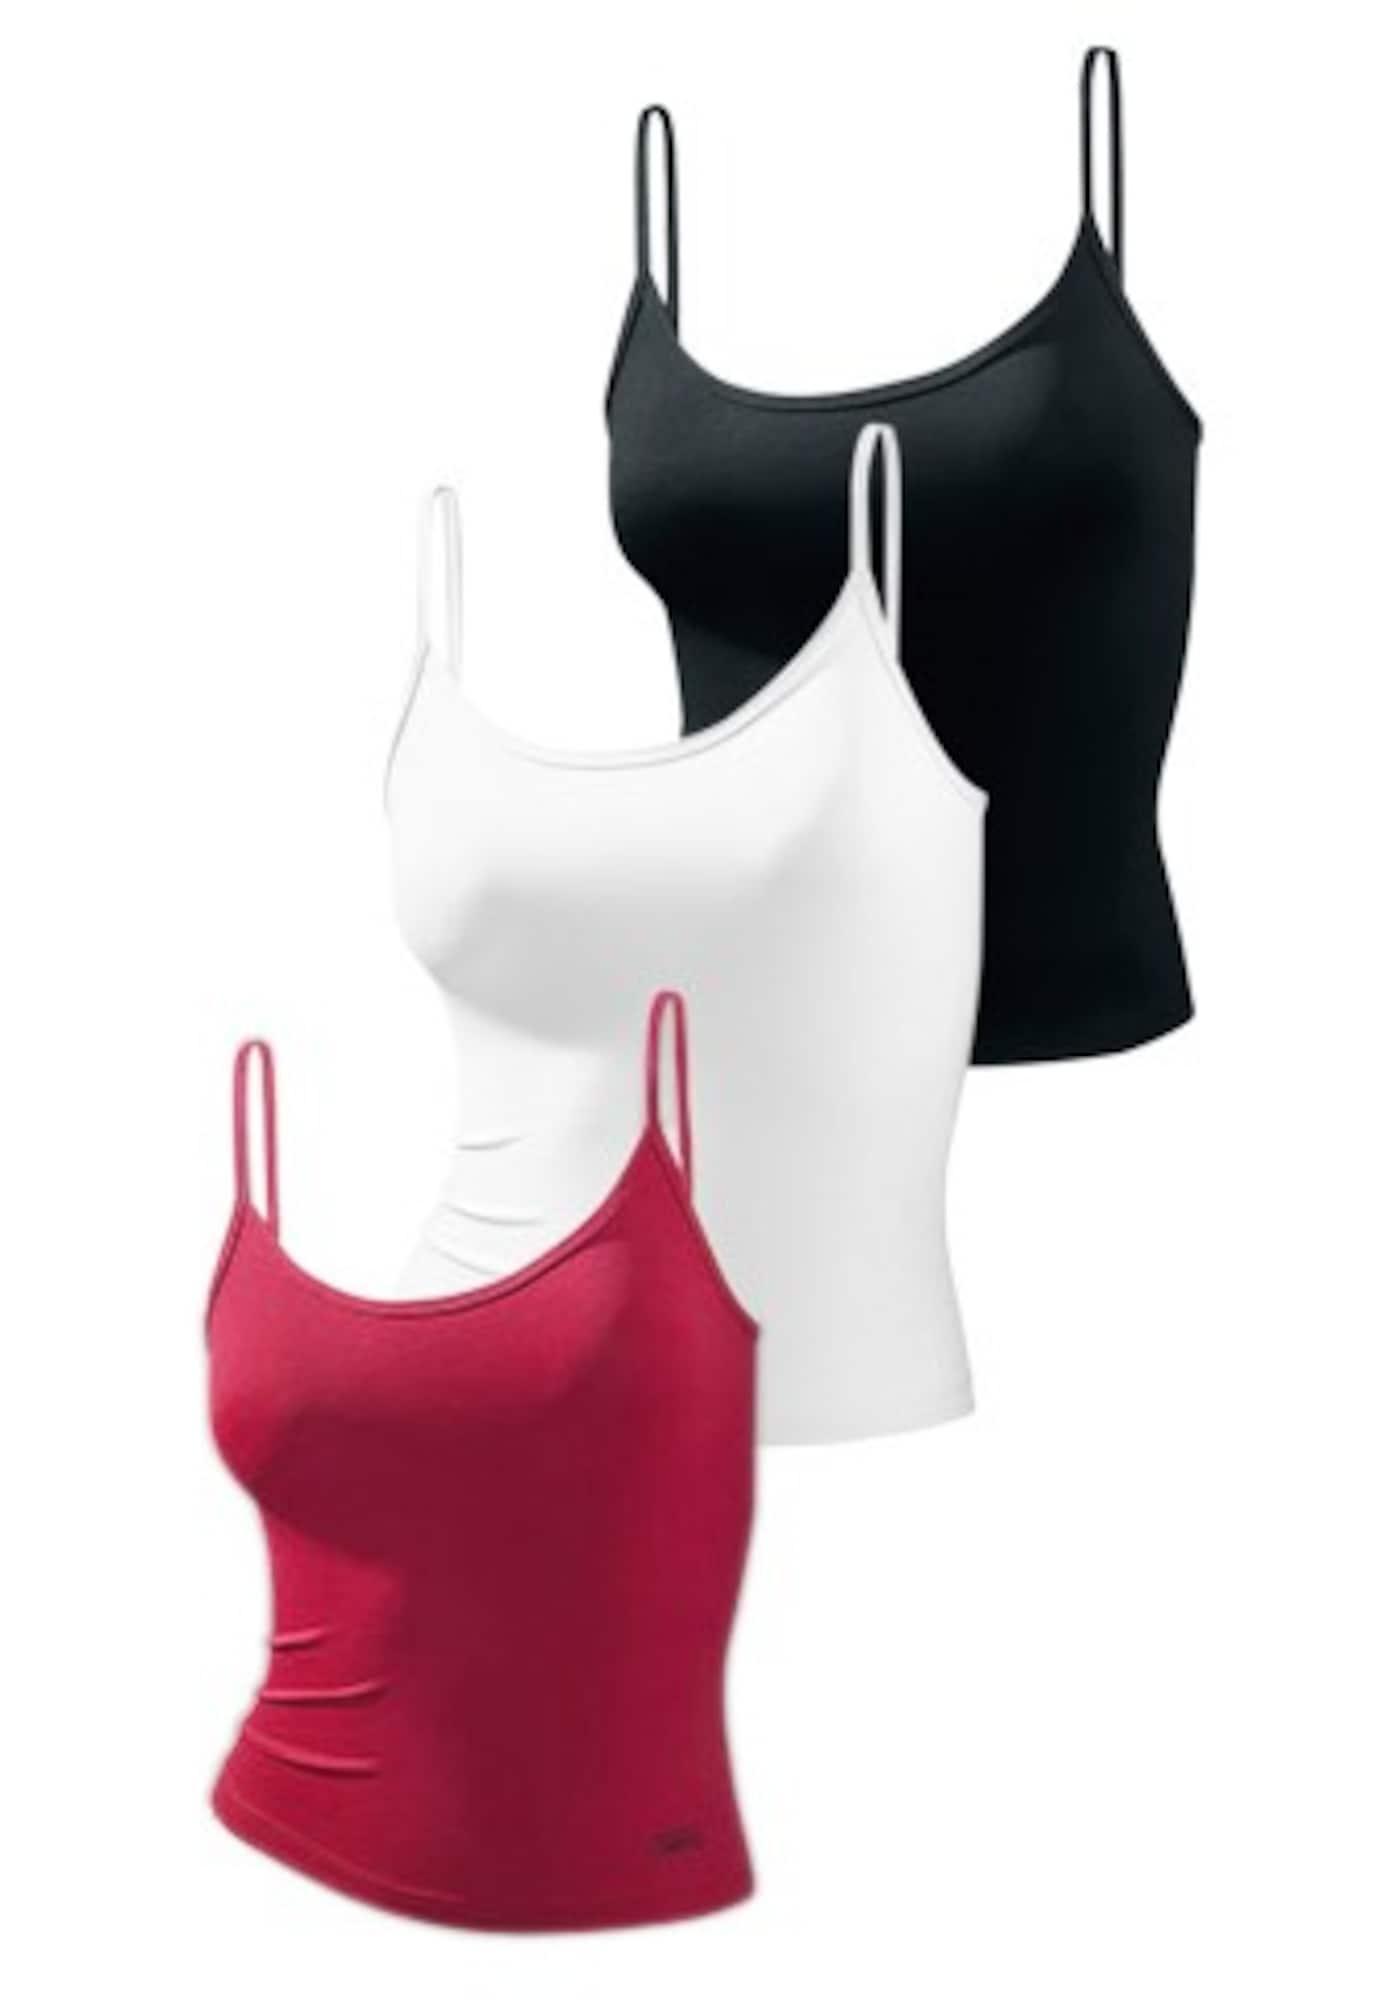 Unterhemd   Unterwäsche & Reizwäsche > Tops & Unterhemden   VIVANCE